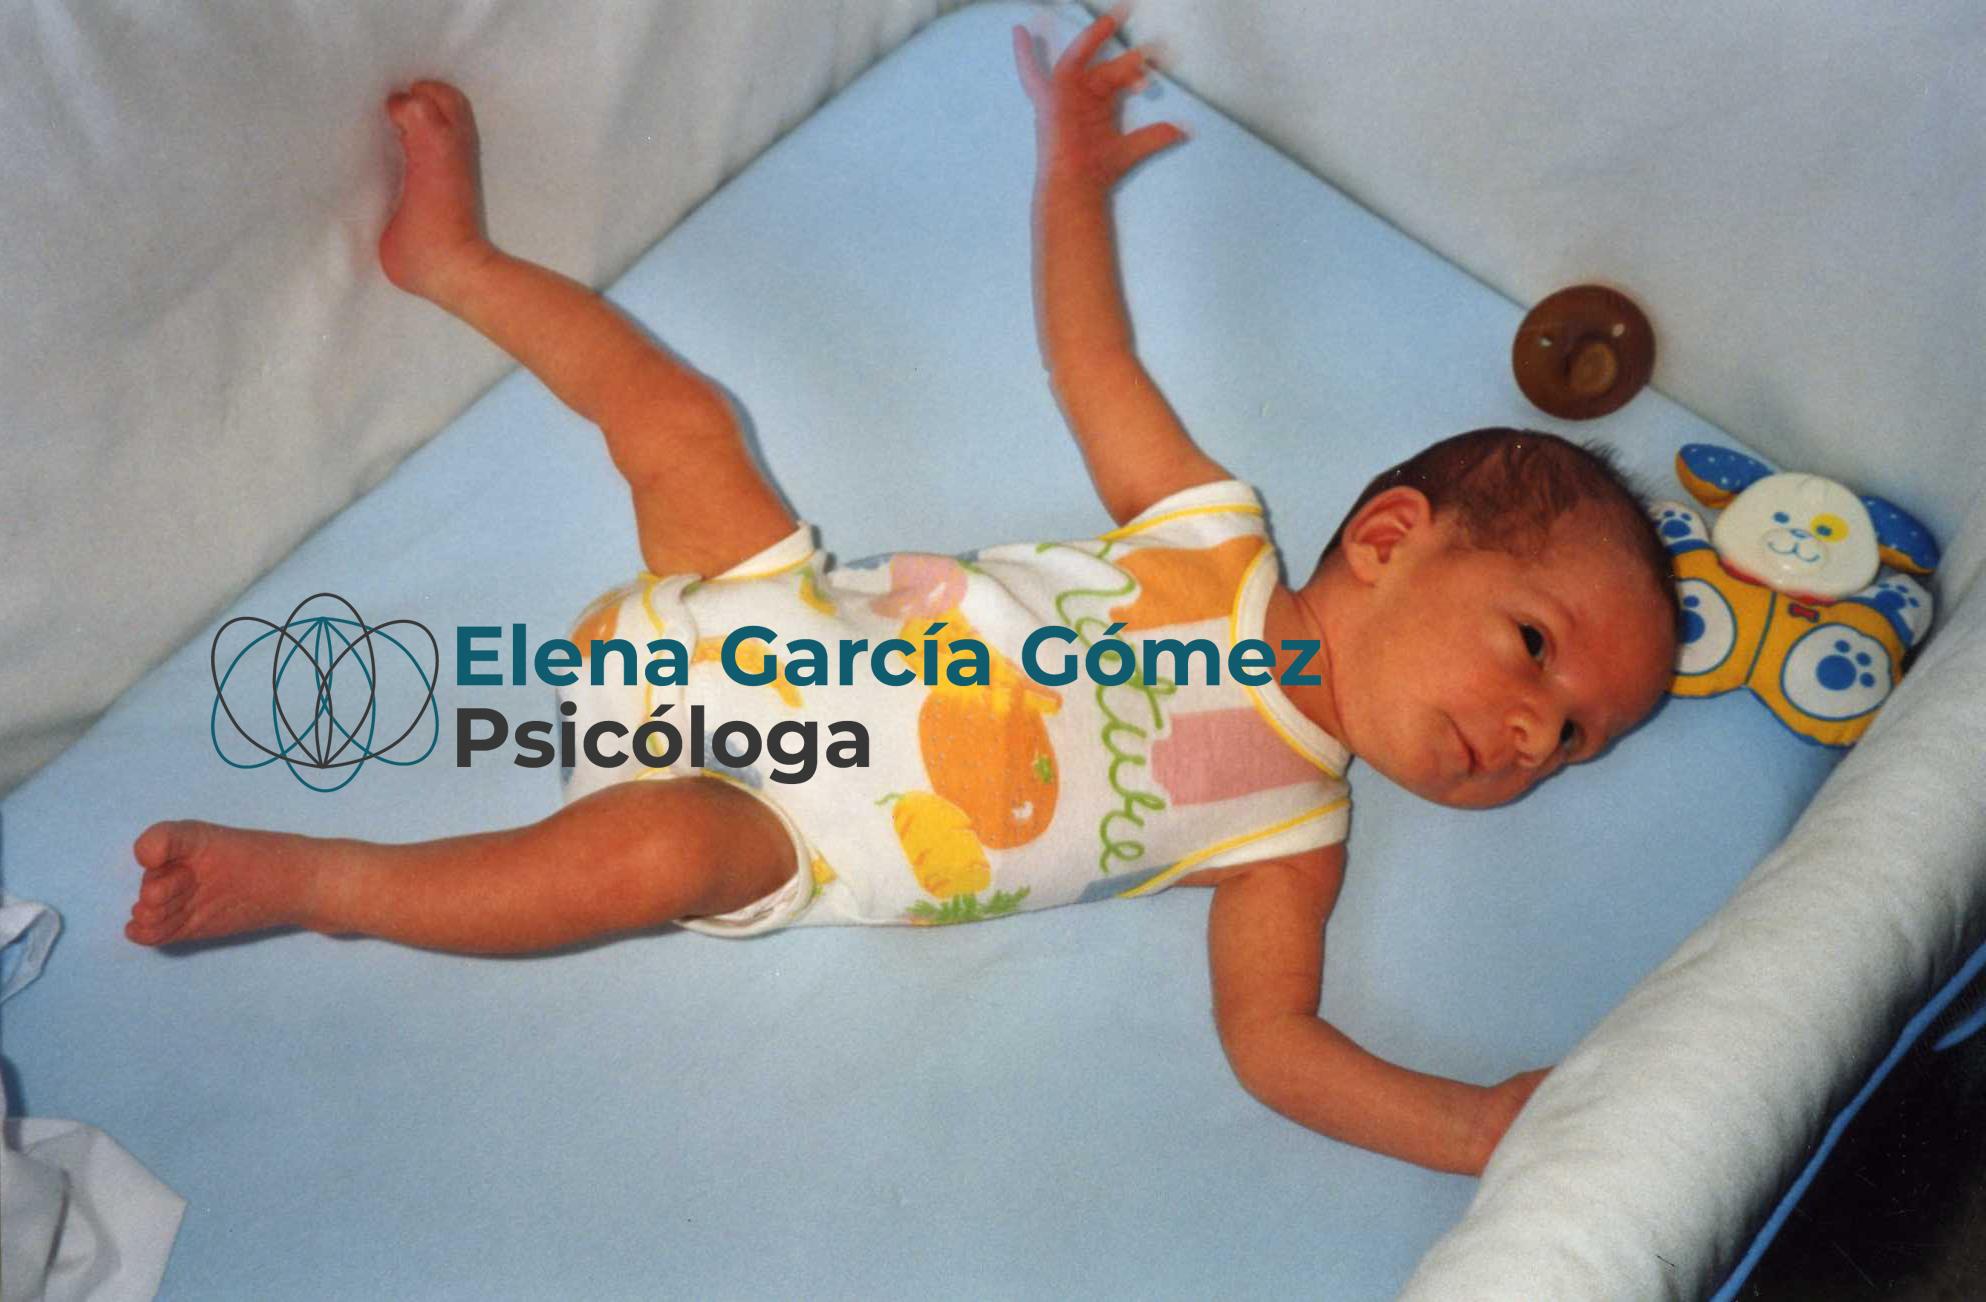 Reflejo de moro Elena Garcia Gómez